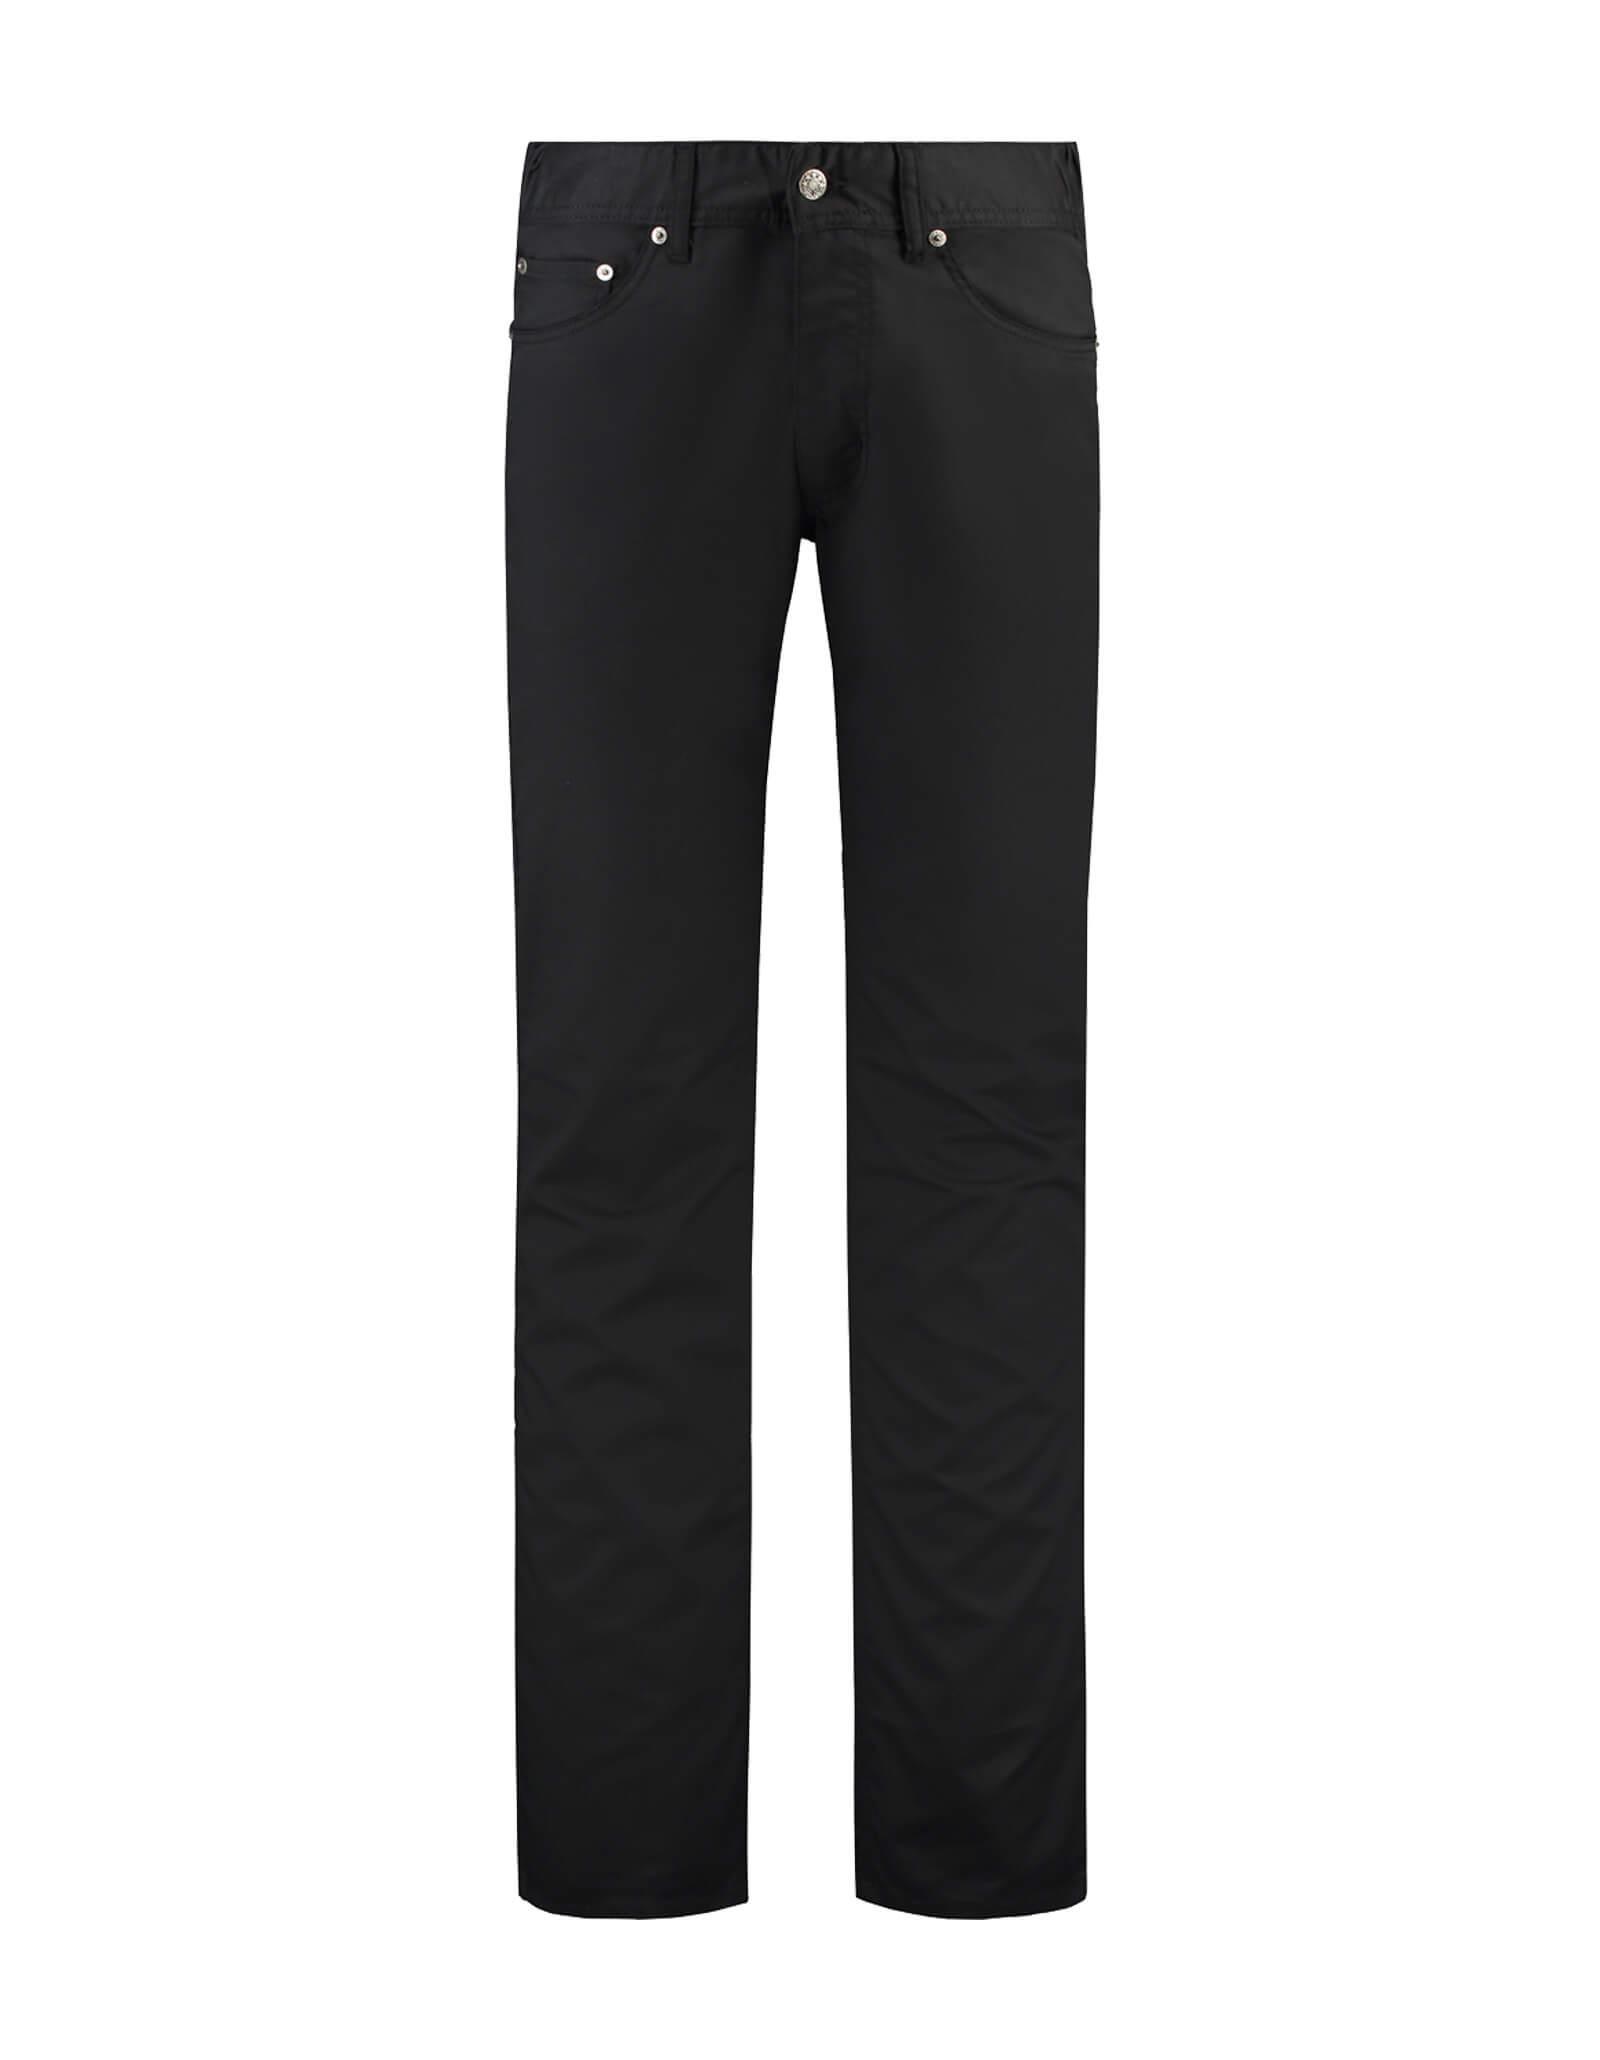 Pantalon Oregon Noir